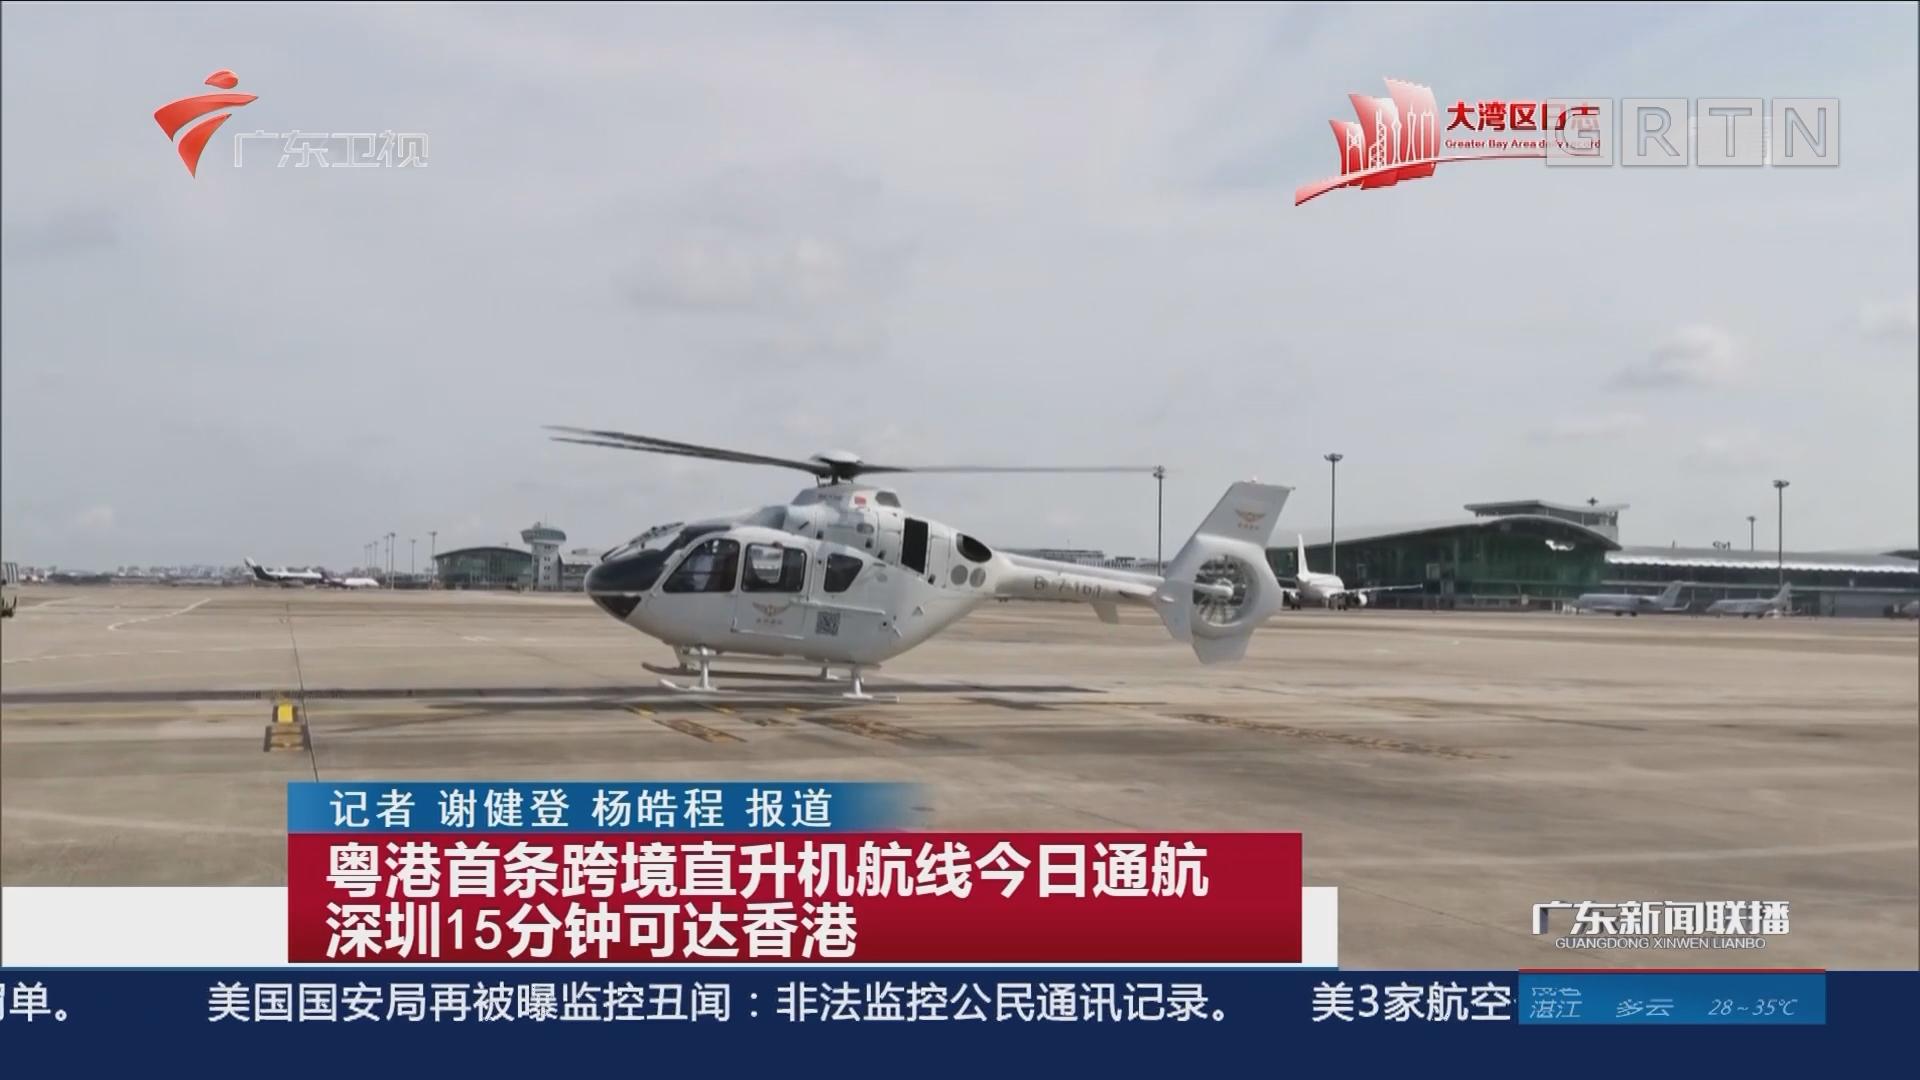 粤港首条跨境直升机航线今日通航 深圳15分钟可达香港